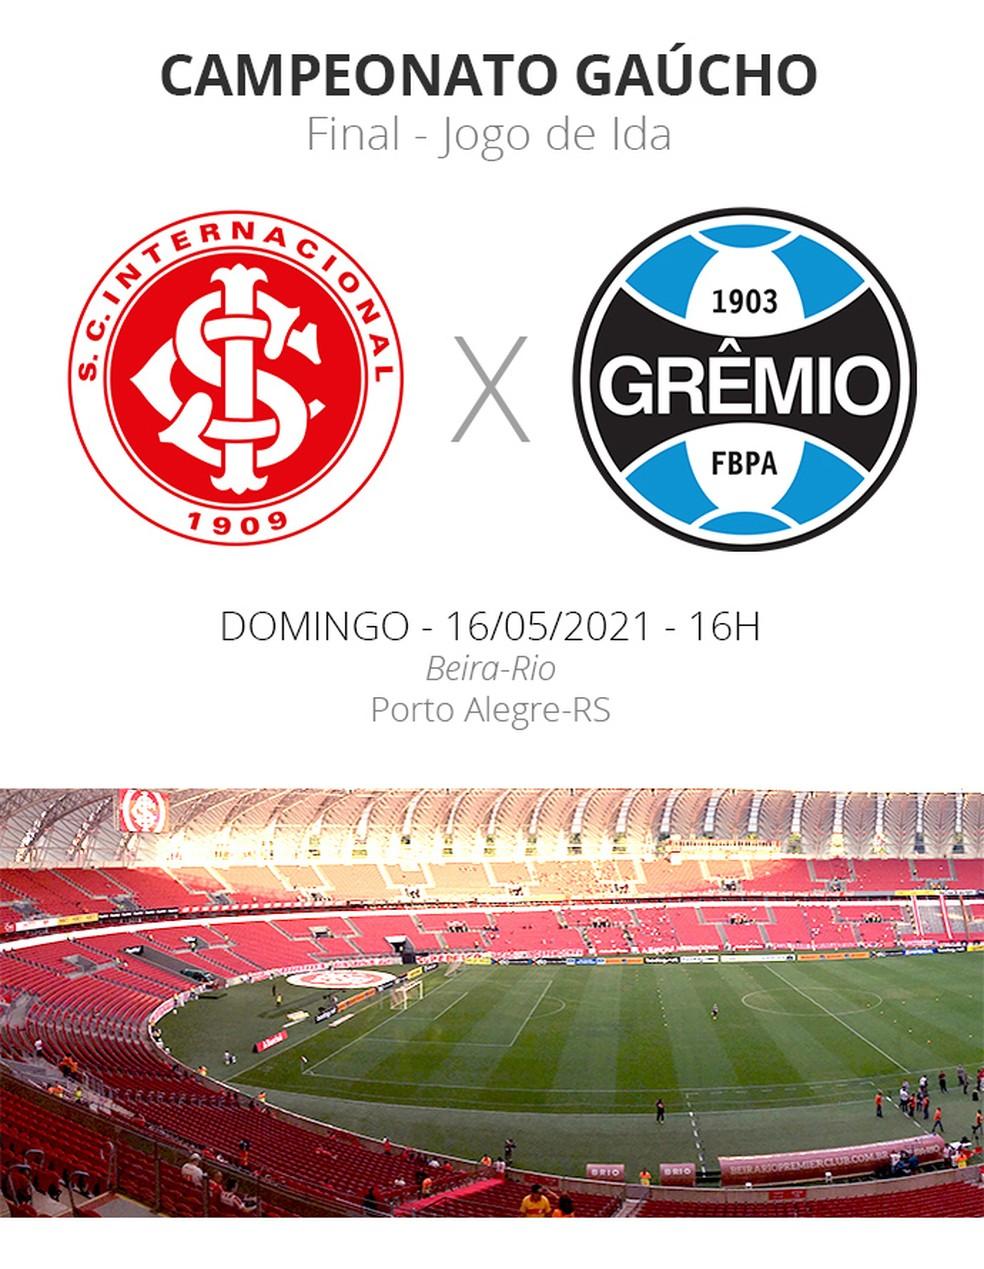 Inter X Gremio Veja Onde Assistir Escalacoes Desfalques E Arbitragem Do Gre Nal Campeonato Gaucho Ge